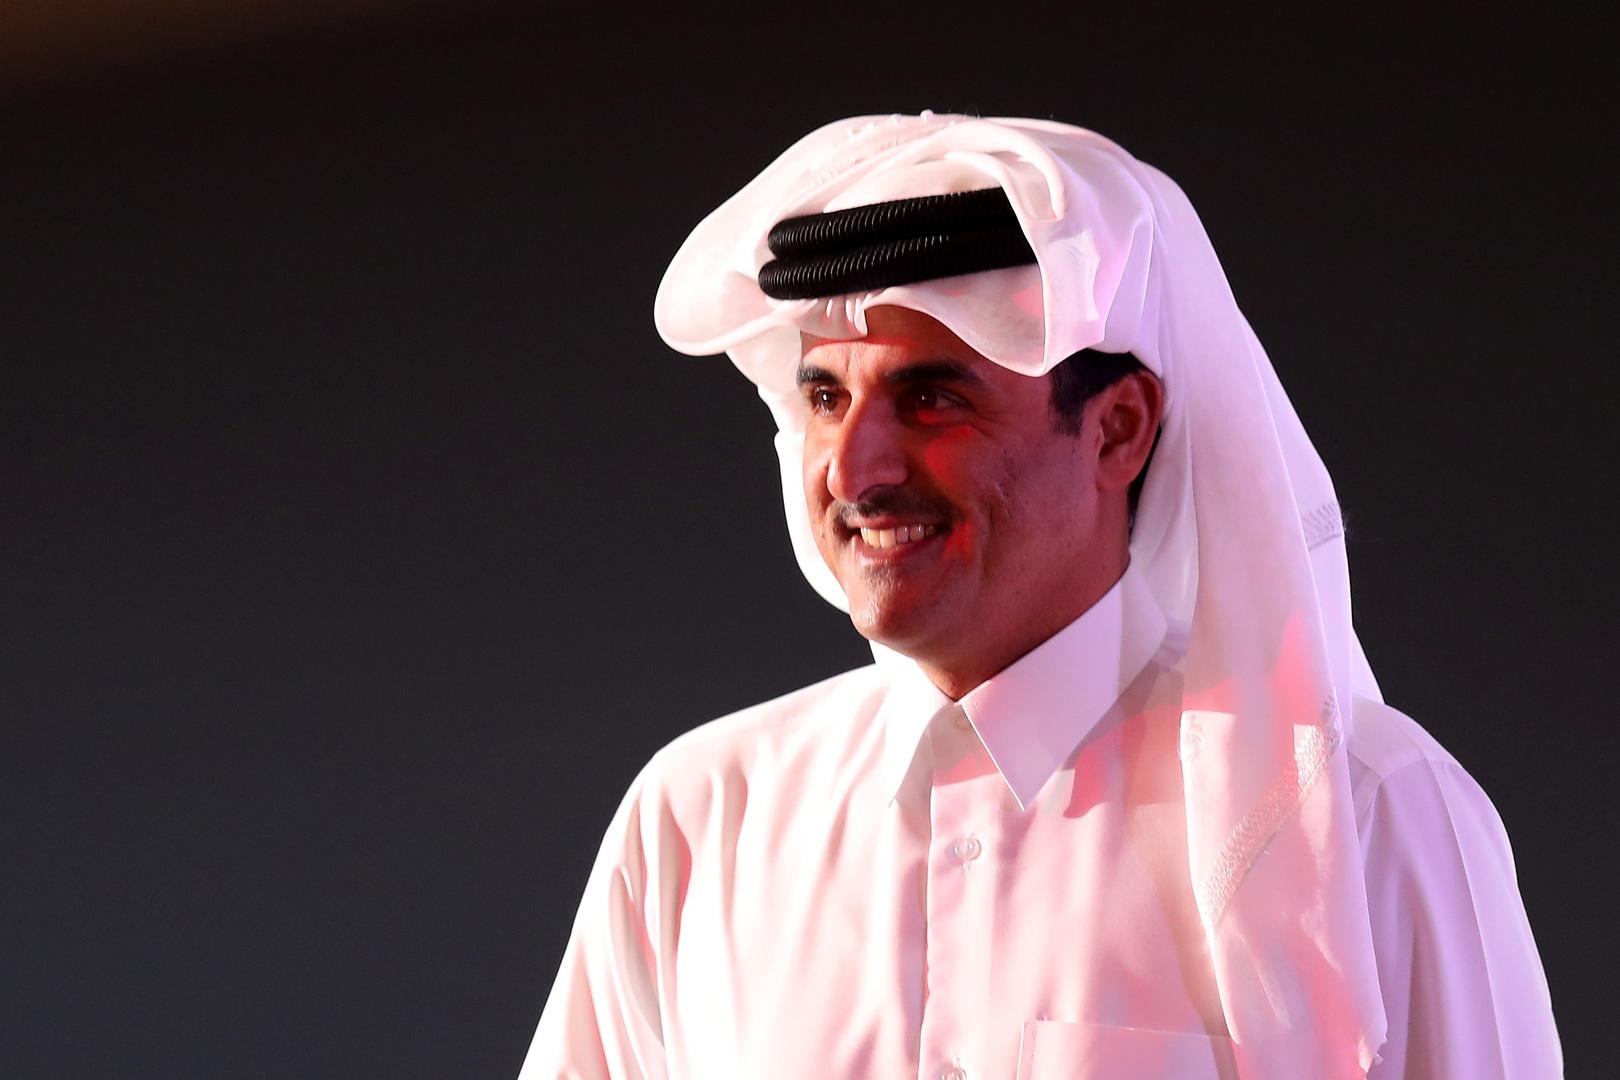 الكرملين يوضح لماذا لم يأت أمير قطر إلى منتدى بطرسبورغ الاقتصادي الدولي